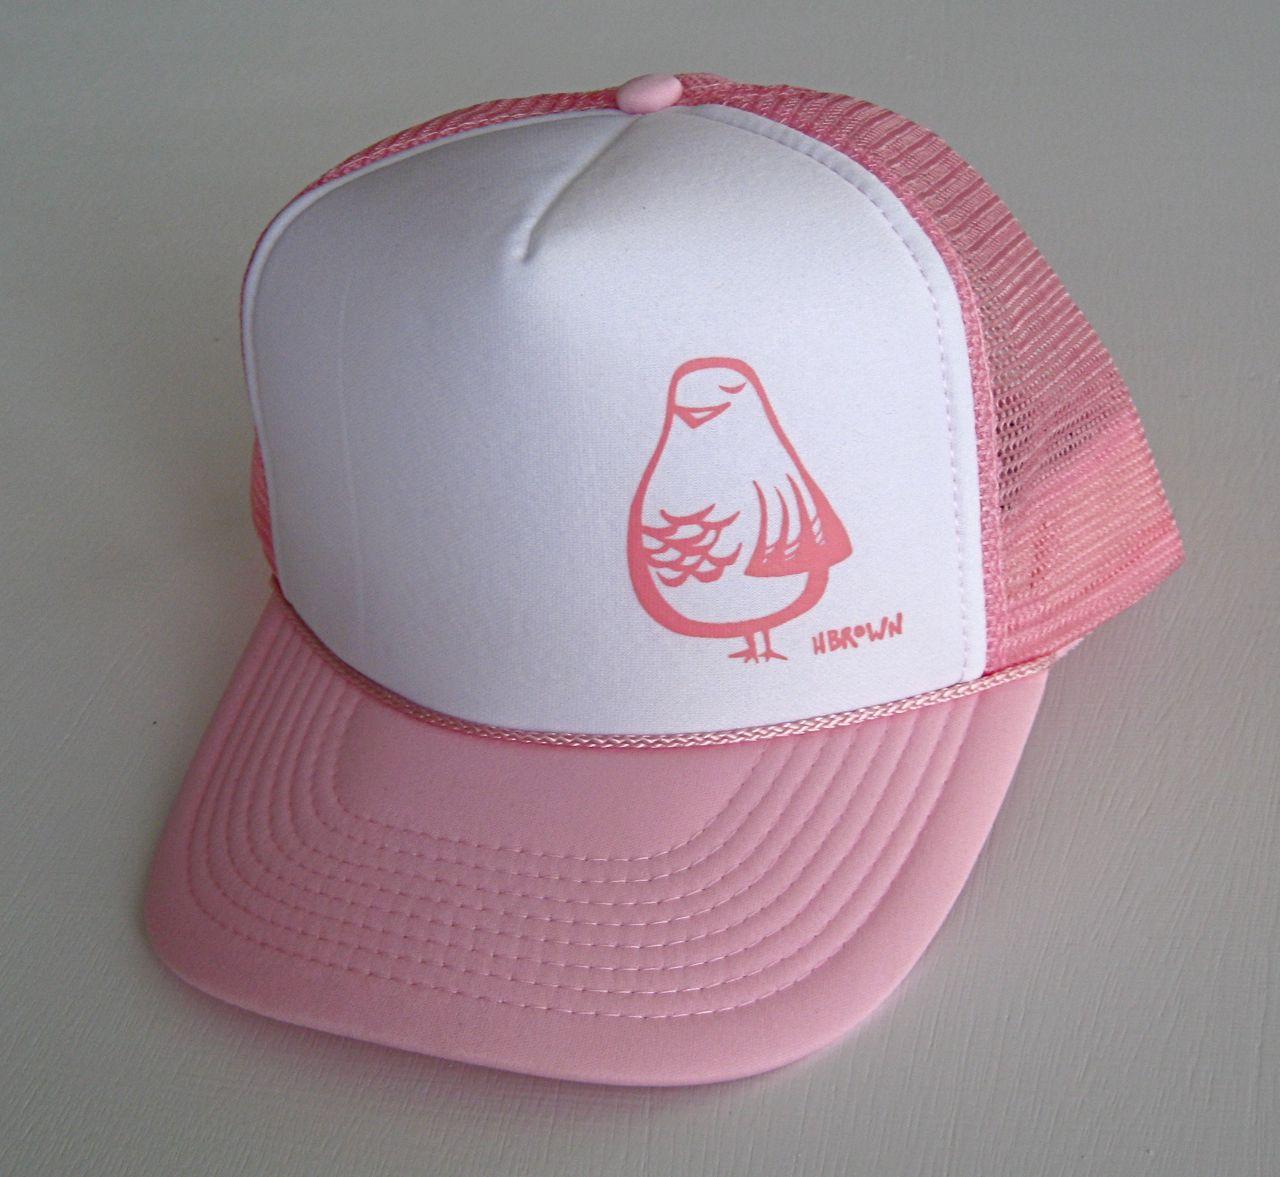 http://2.bp.blogspot.com/_sxZnTBJBSSQ/TMkH4w3xAJI/AAAAAAAAADk/8I_xalqYgv8/s1600/pink+hat.jpg